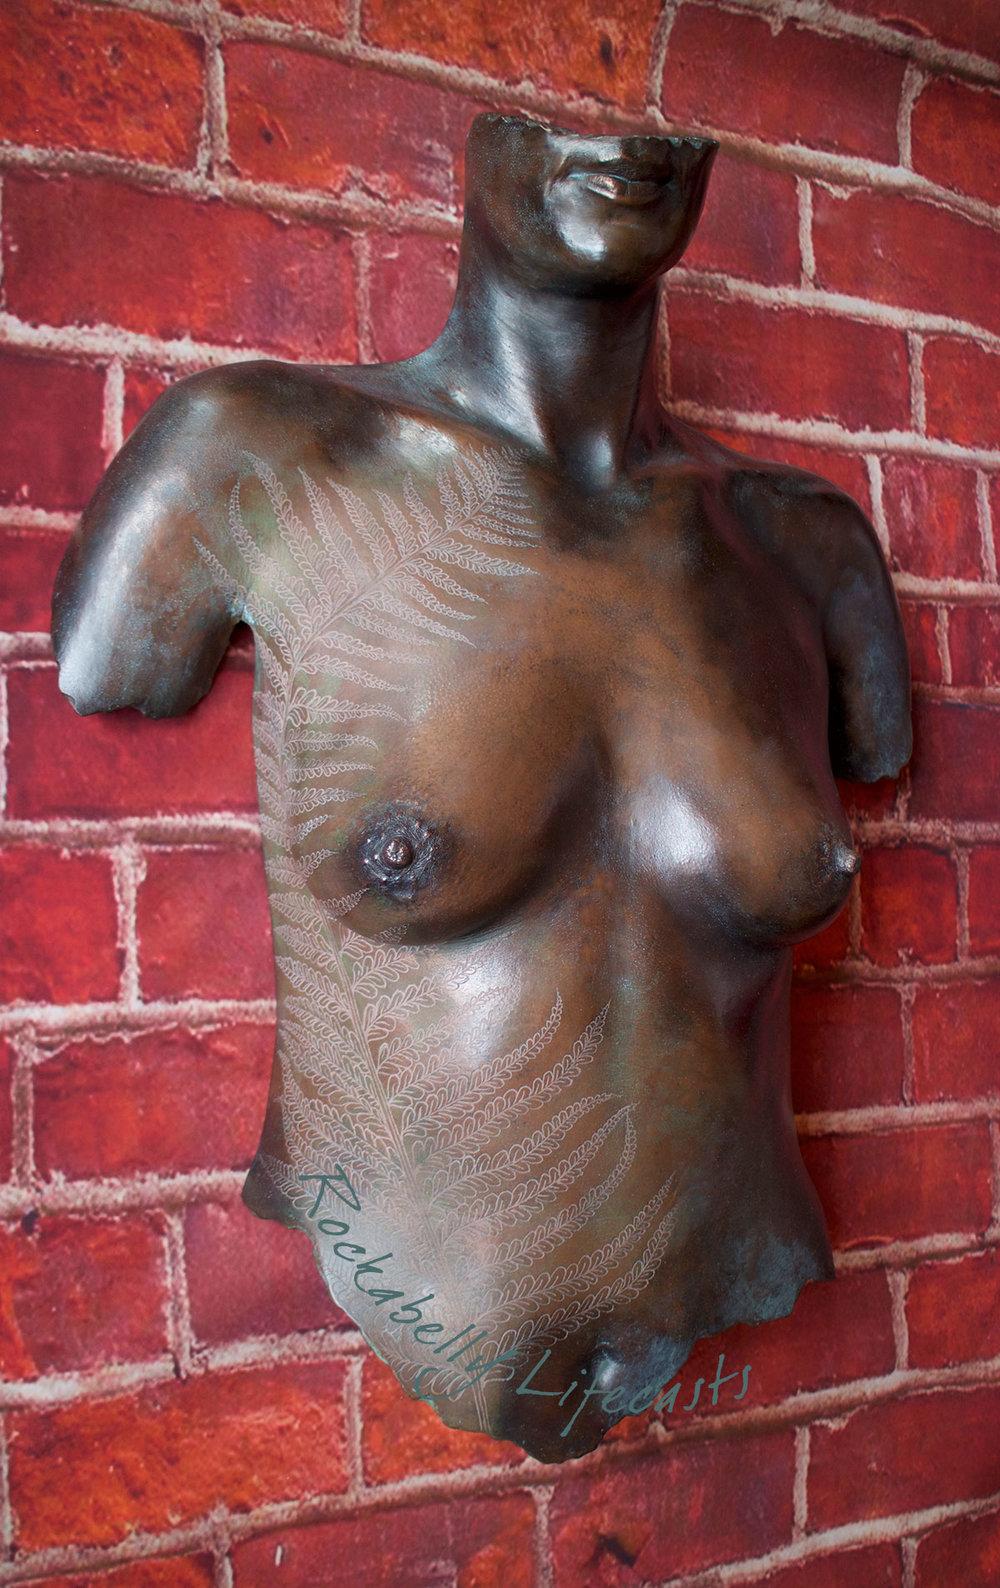 BREASTS/TORSOS